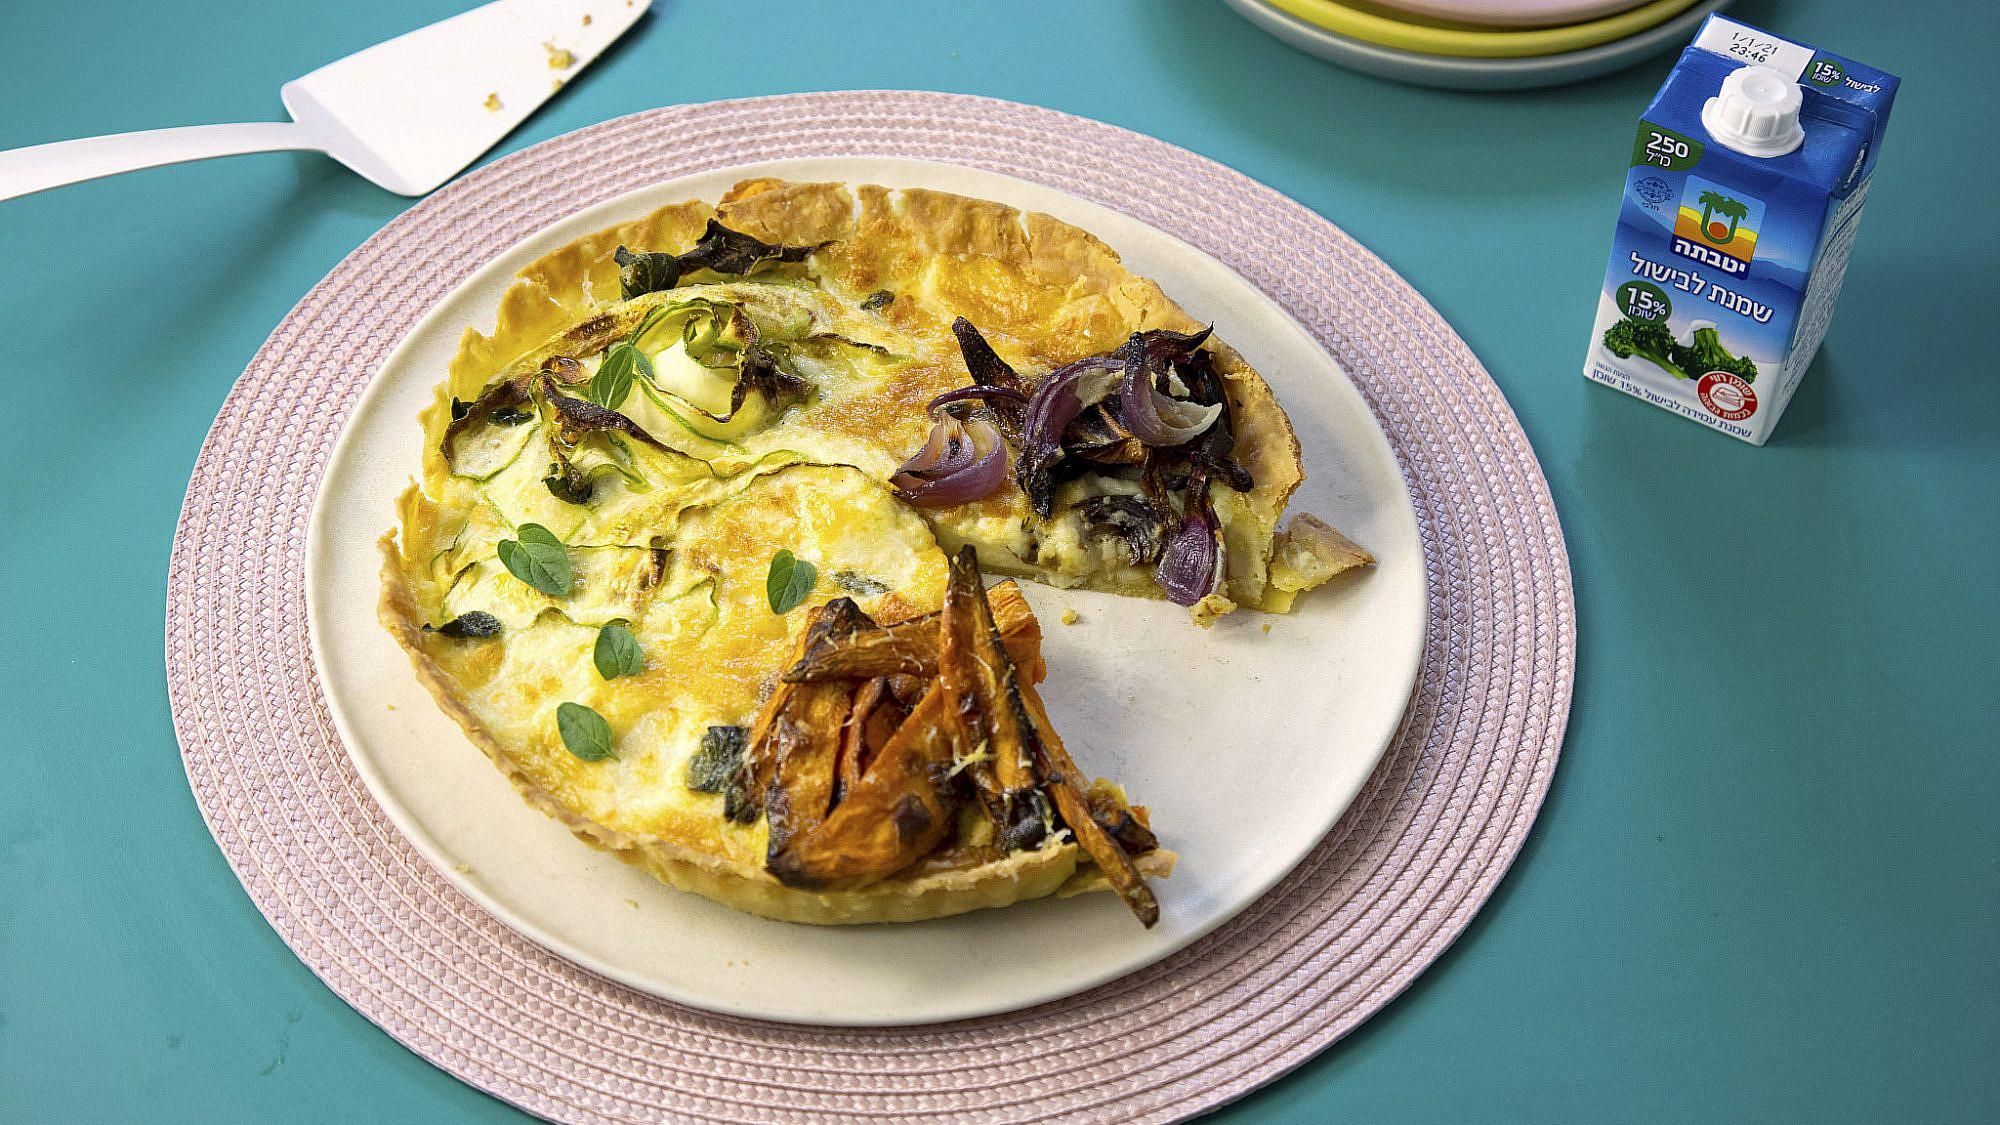 קיש ירקות משפחתי שף: יוגב ירוס צילום: דן לב, סטיילינג: גיא כהן